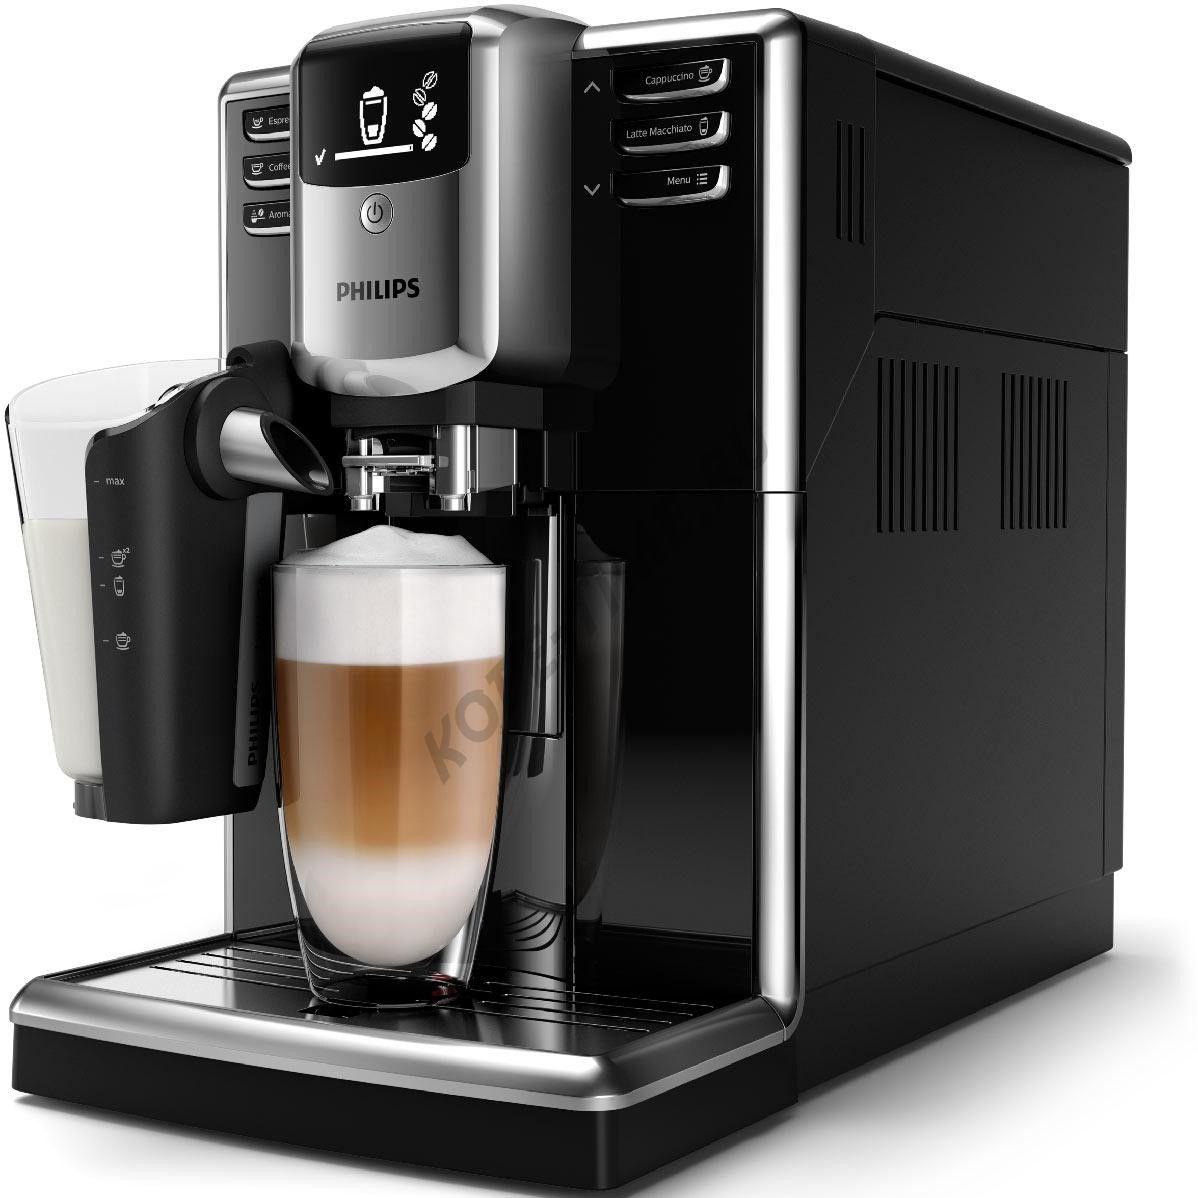 автоматическая кофемашина Philips LatteGo Premium EP5040